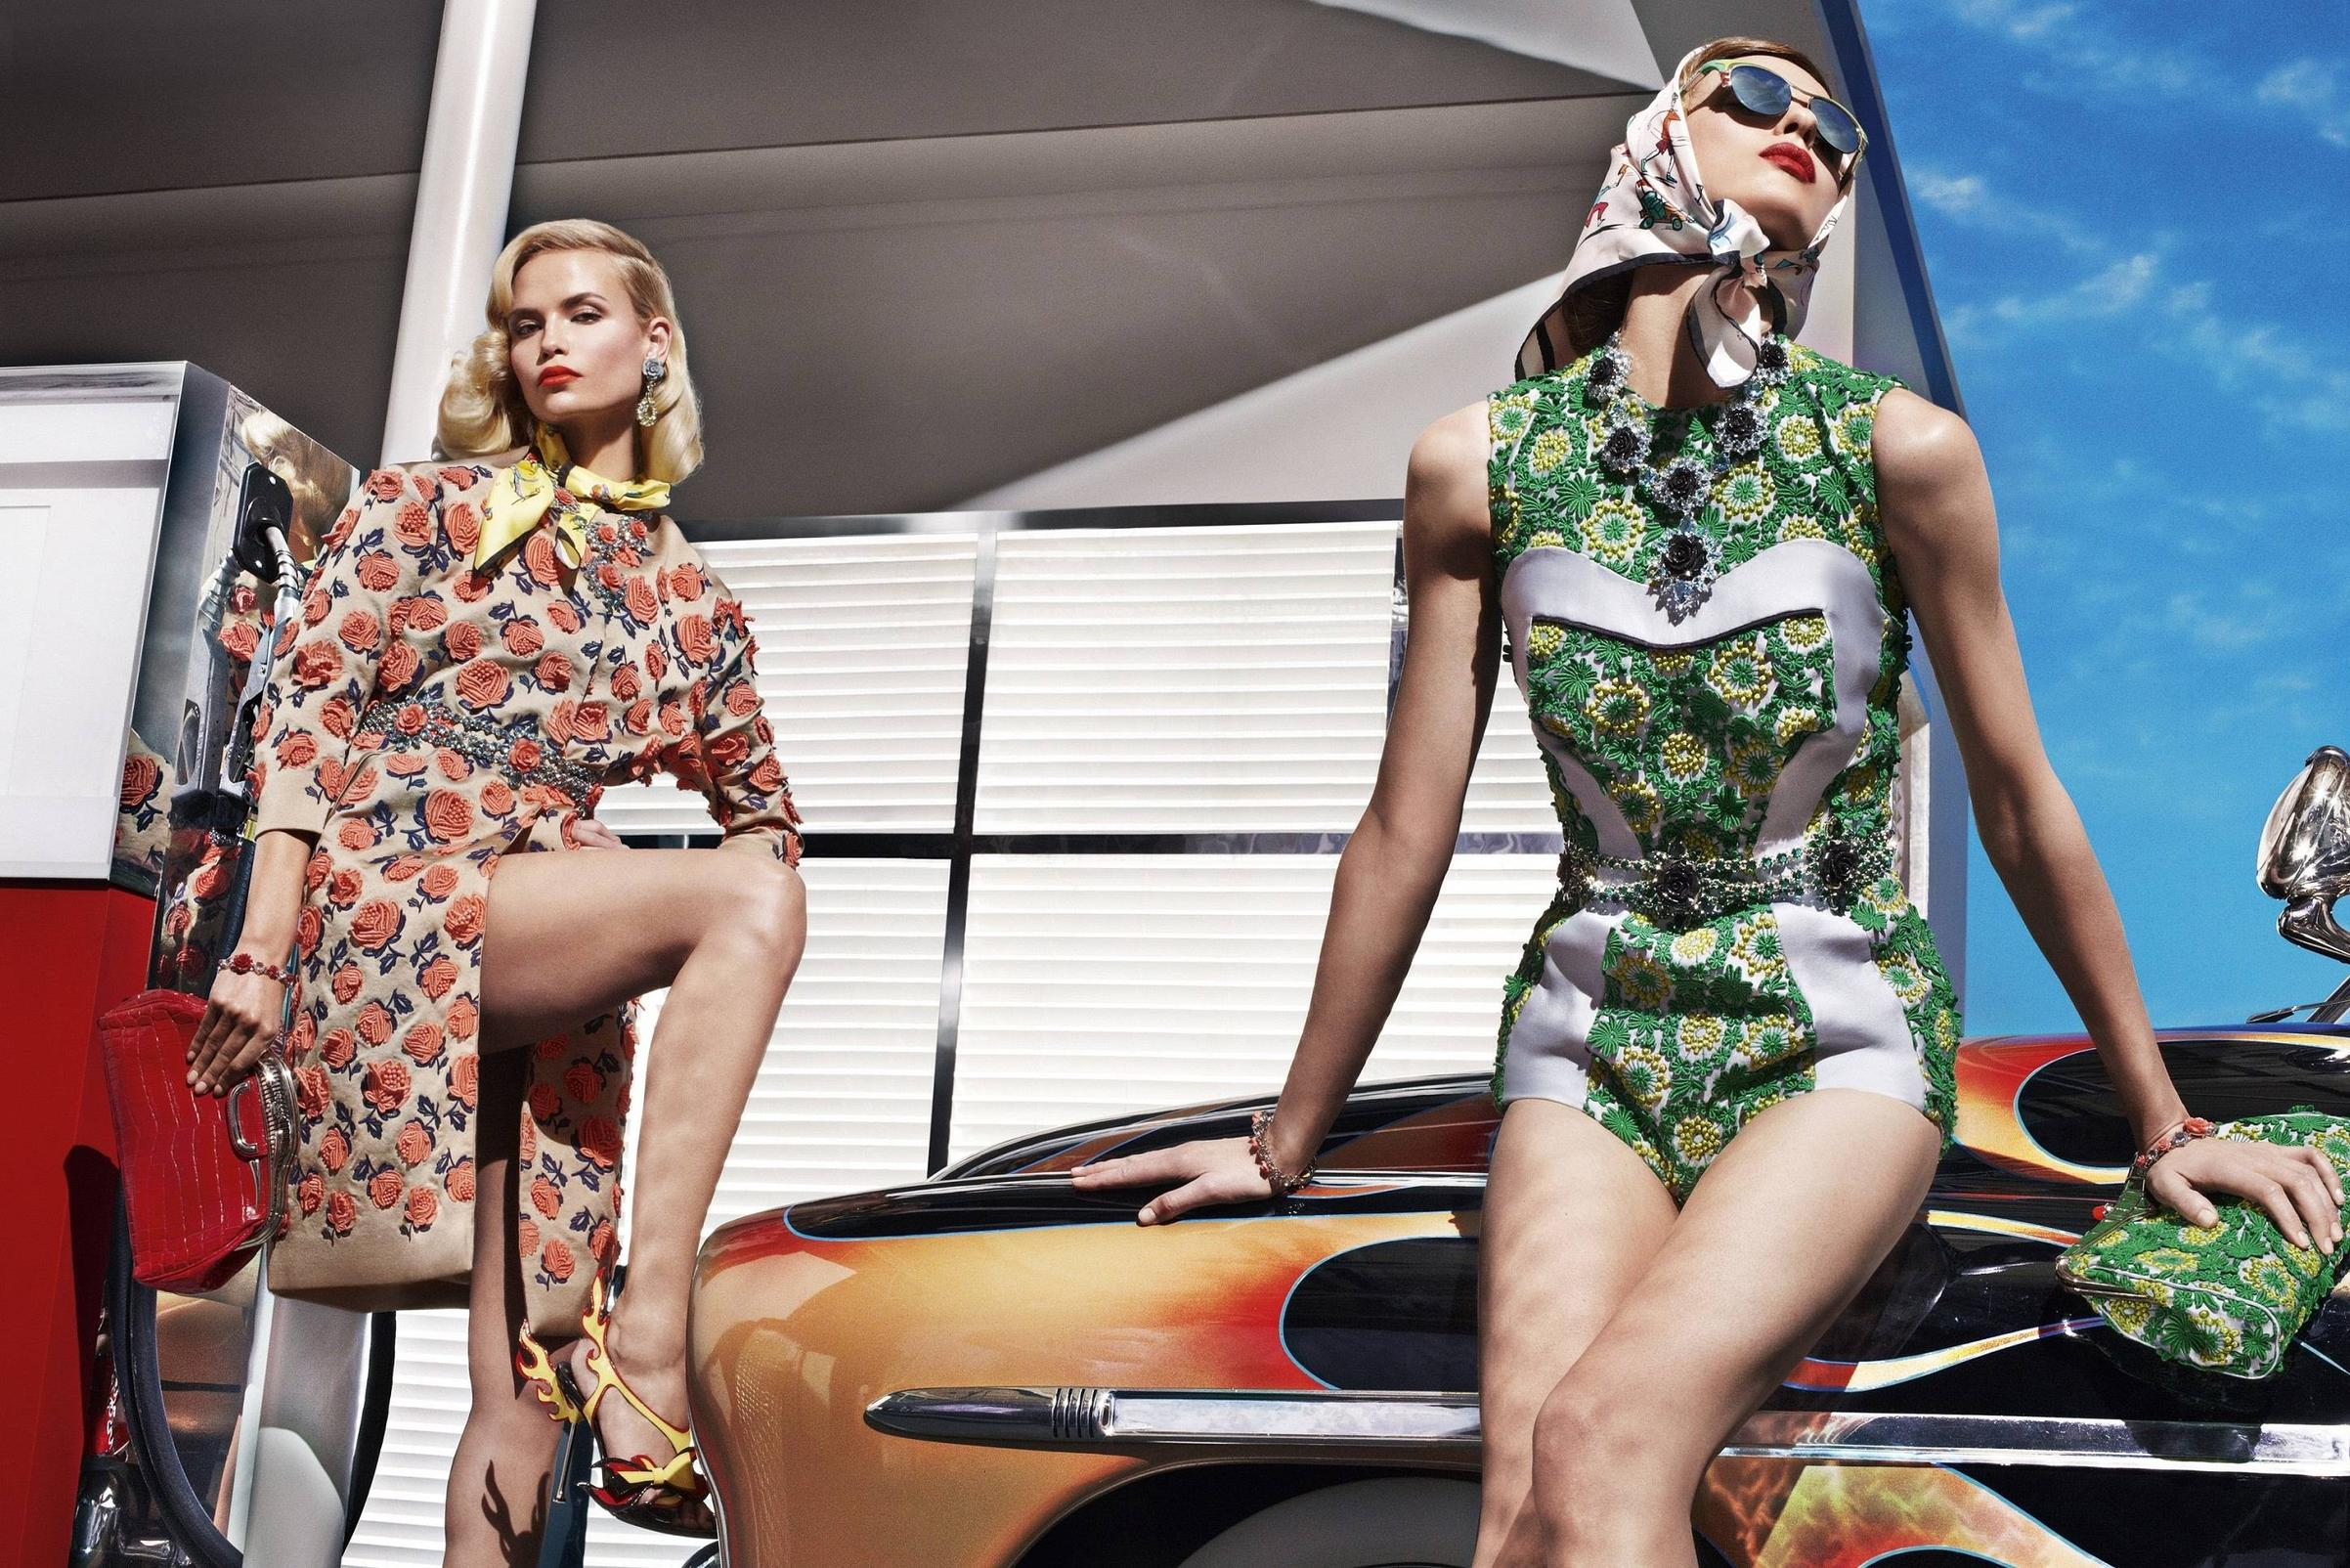 thời trang cung hoàng đạo: các thương hiệu đại diện cho phong cách của bạn 14